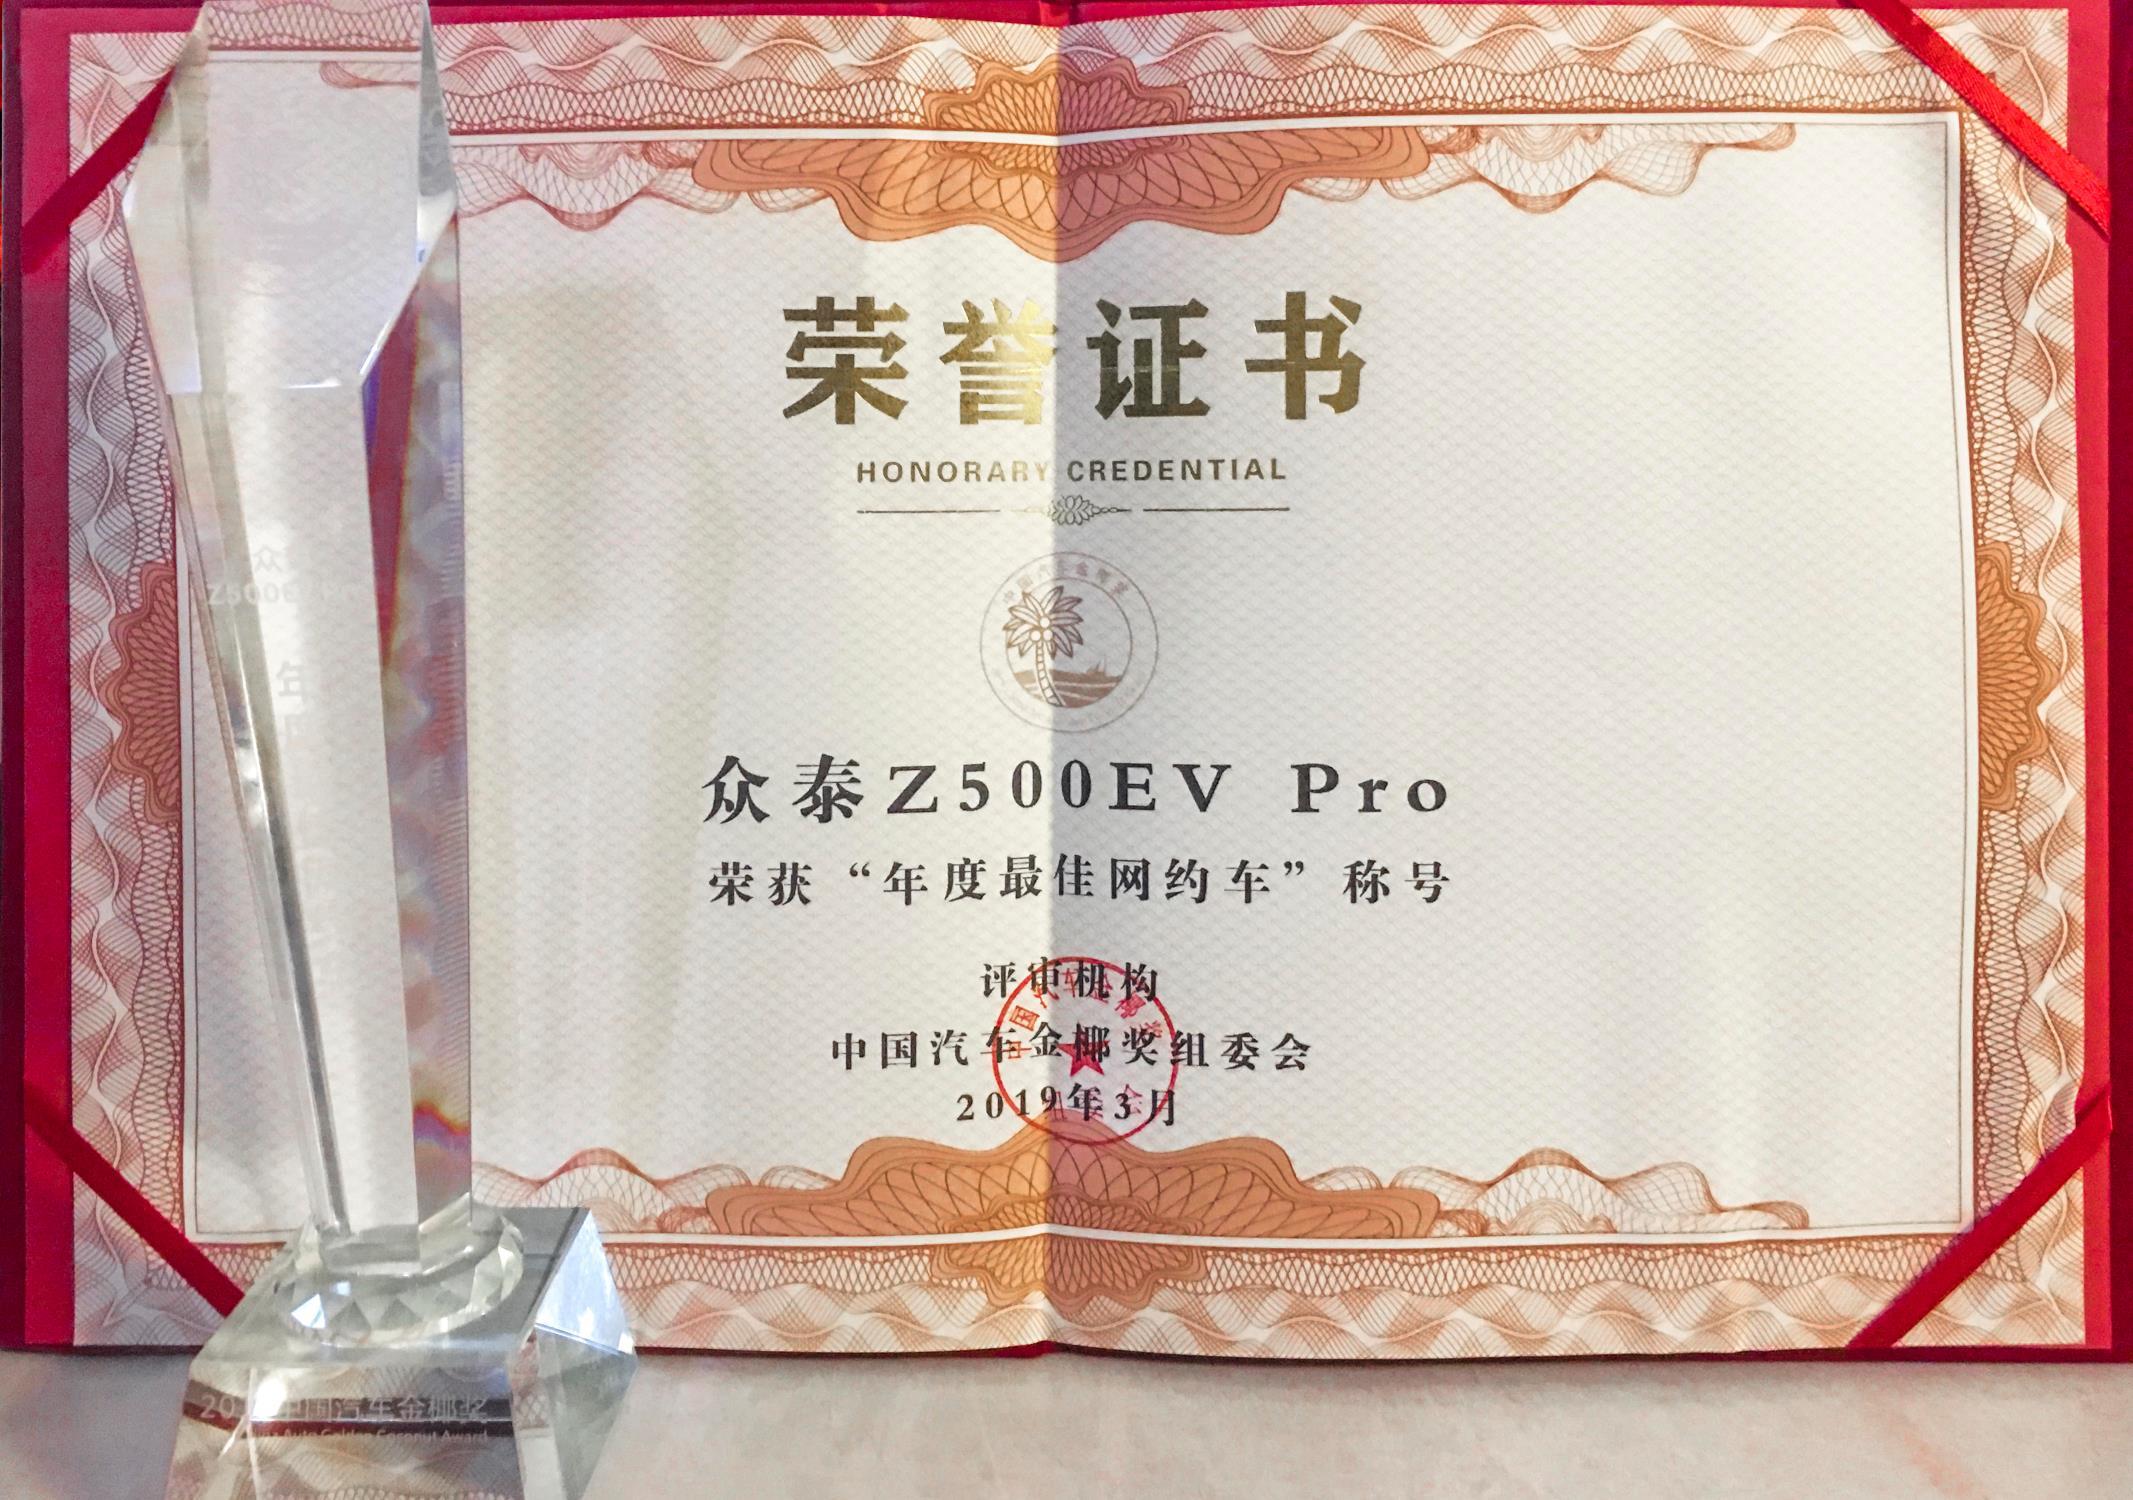 中国汽车人高层峰会暨2019中国汽车金椰奖颁奖盛典,众泰Z500EV Pro荣获年度最佳网约车